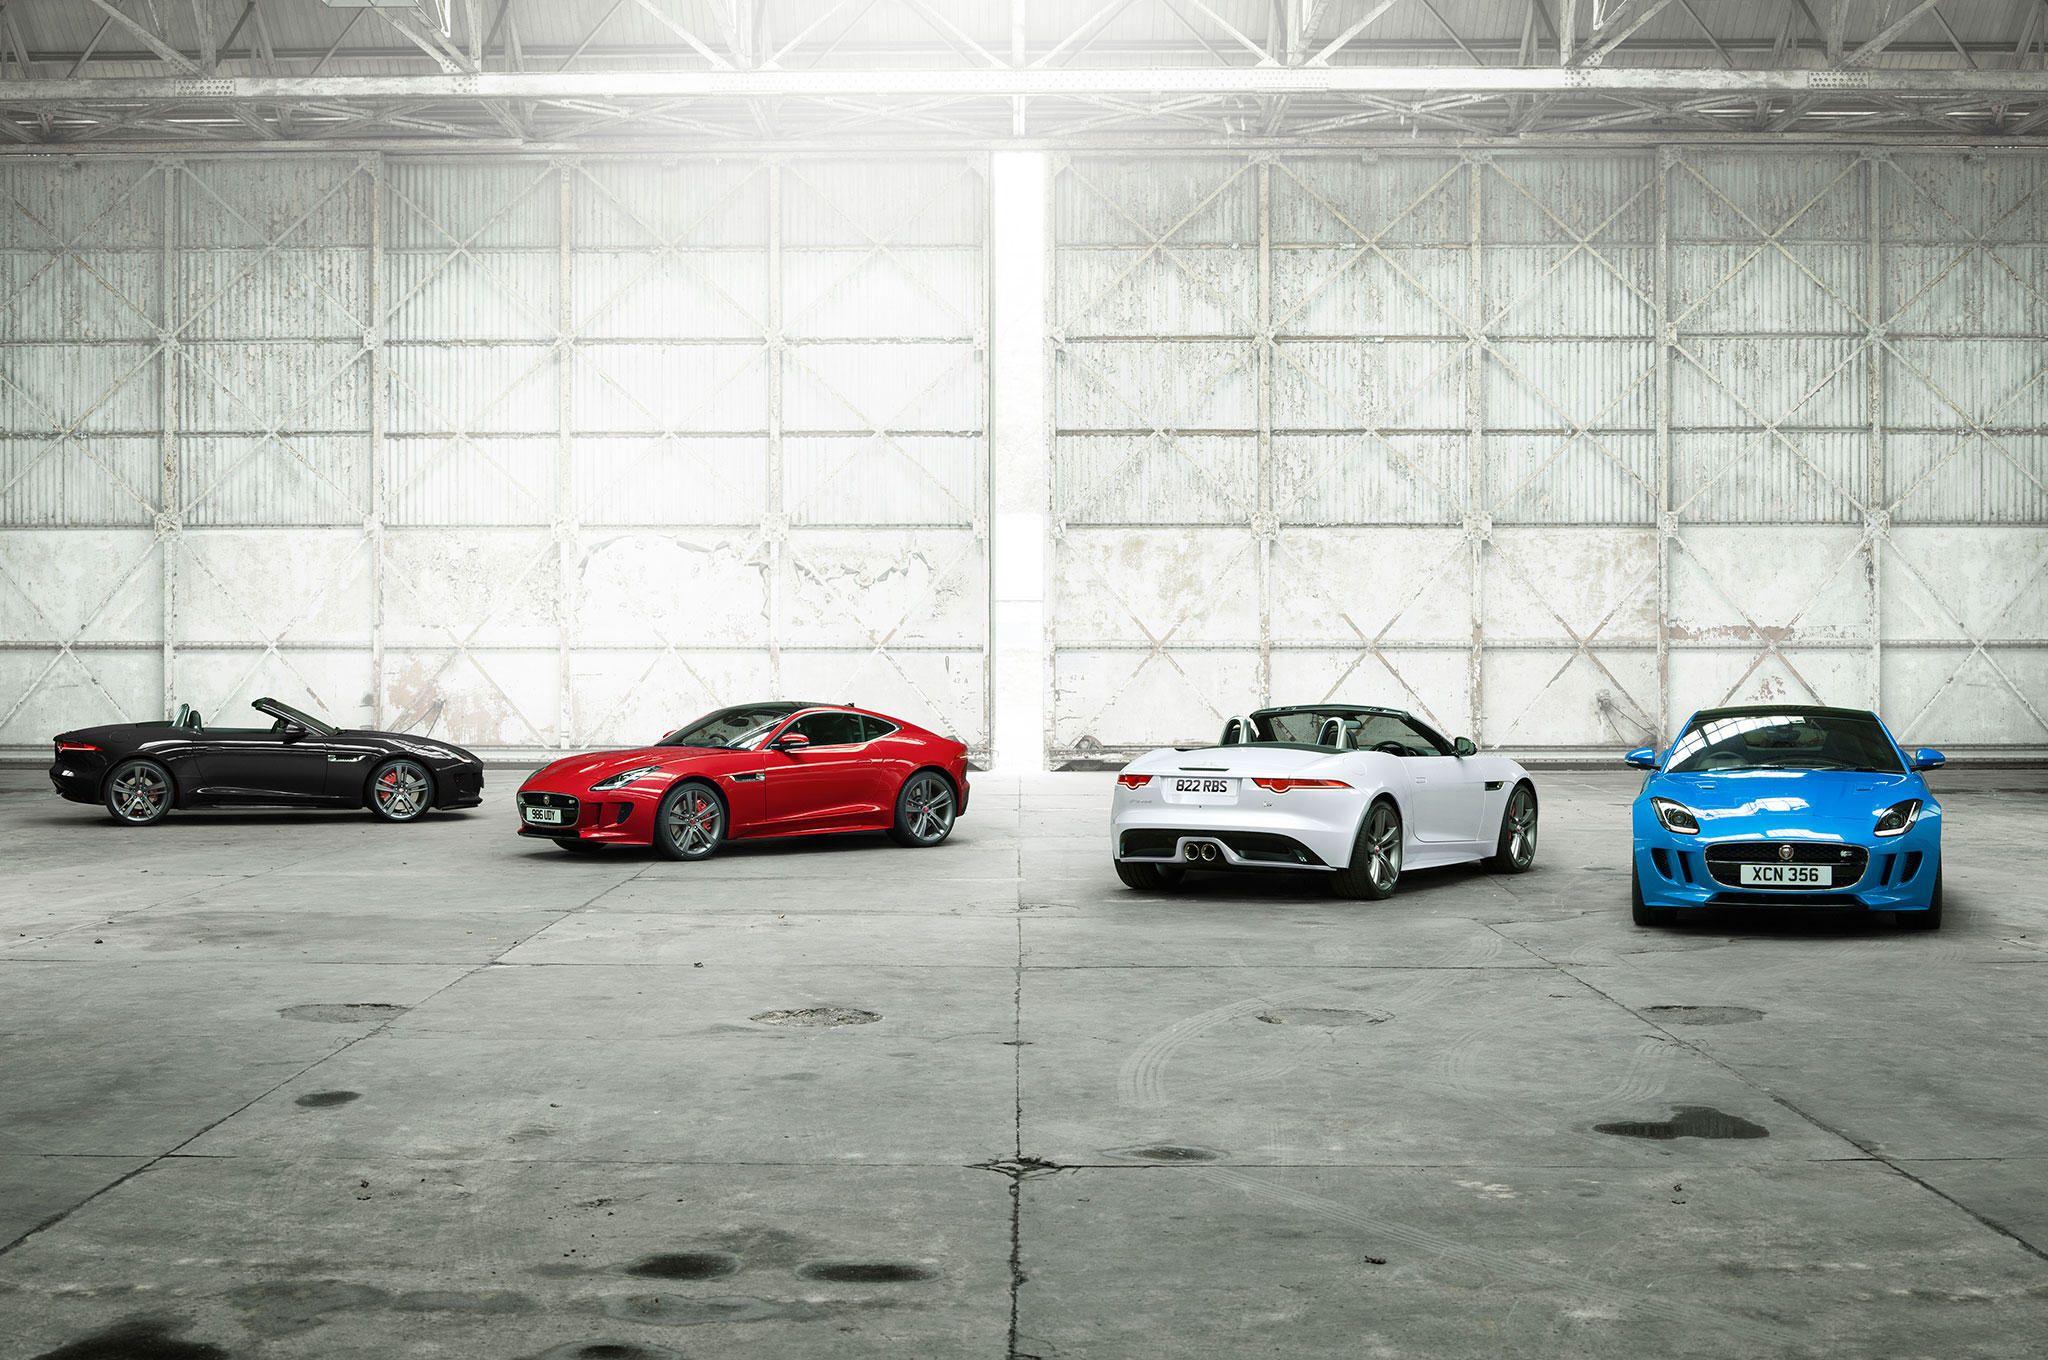 2017 Jaguar F Type S British Design Edition Launches For U K Jaguar F Type Jaguar Jaguar Usa